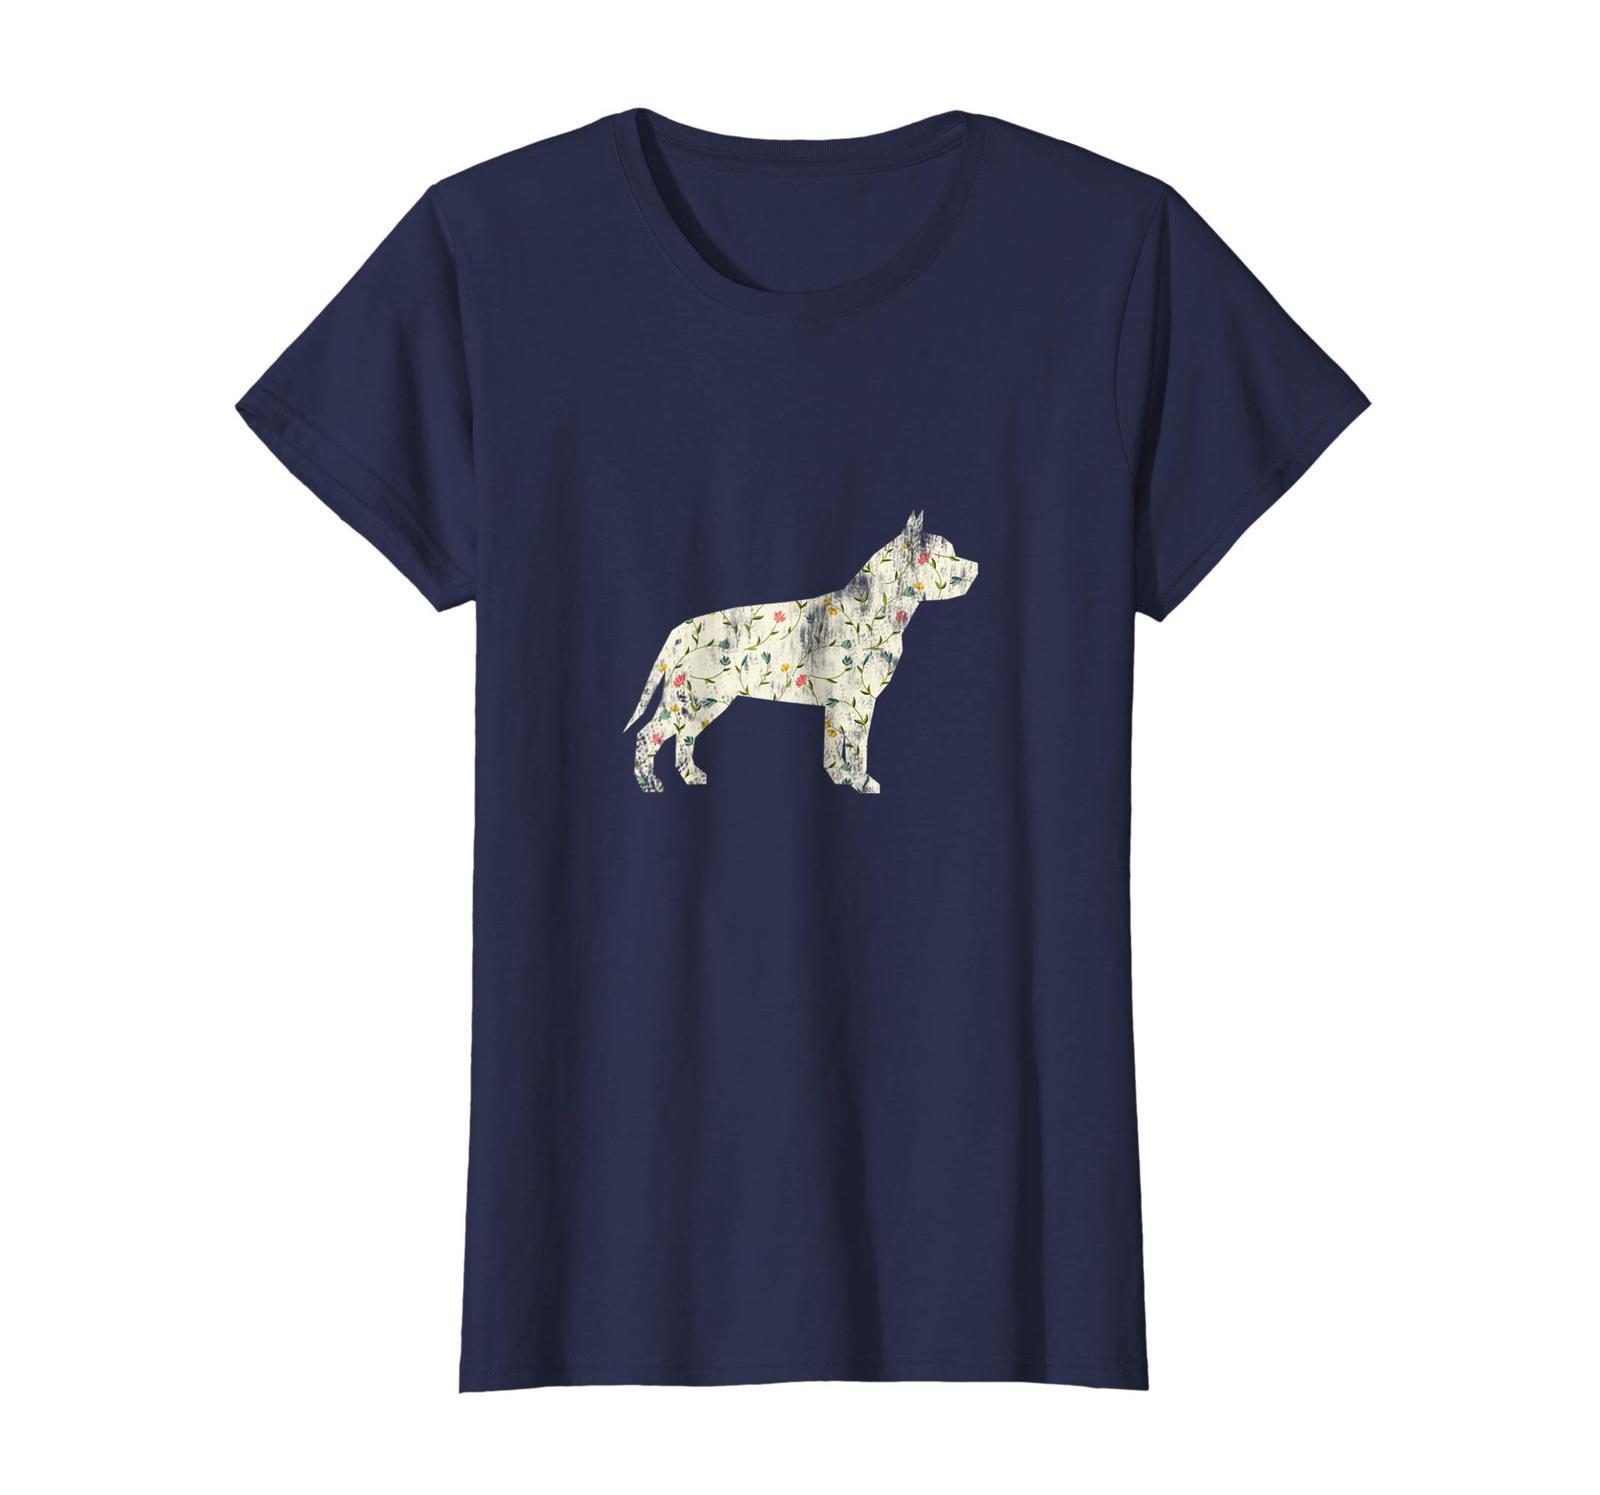 Dog Fashion - Vintage Floral Pitbull Shirt Dog Lover Dog Owner Gift Wowen image 4